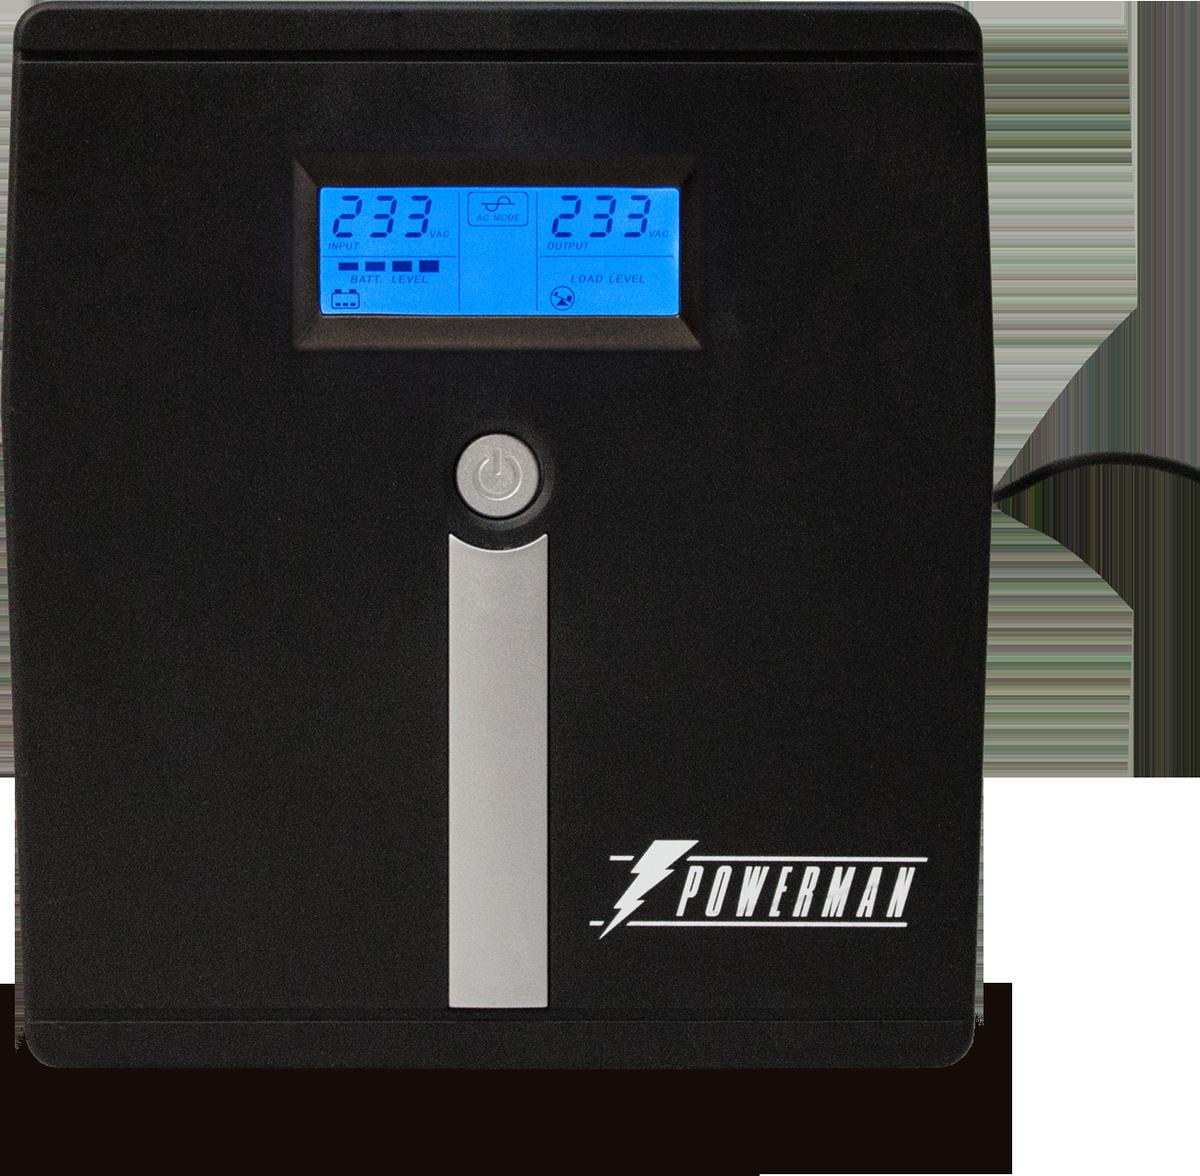 Источник бесперебойного питания Powerman UPS Smart Sine 1000, 1000 ВА аксессуар крепление к рюкзаку sony vct bpm1 backpack mount для action cam